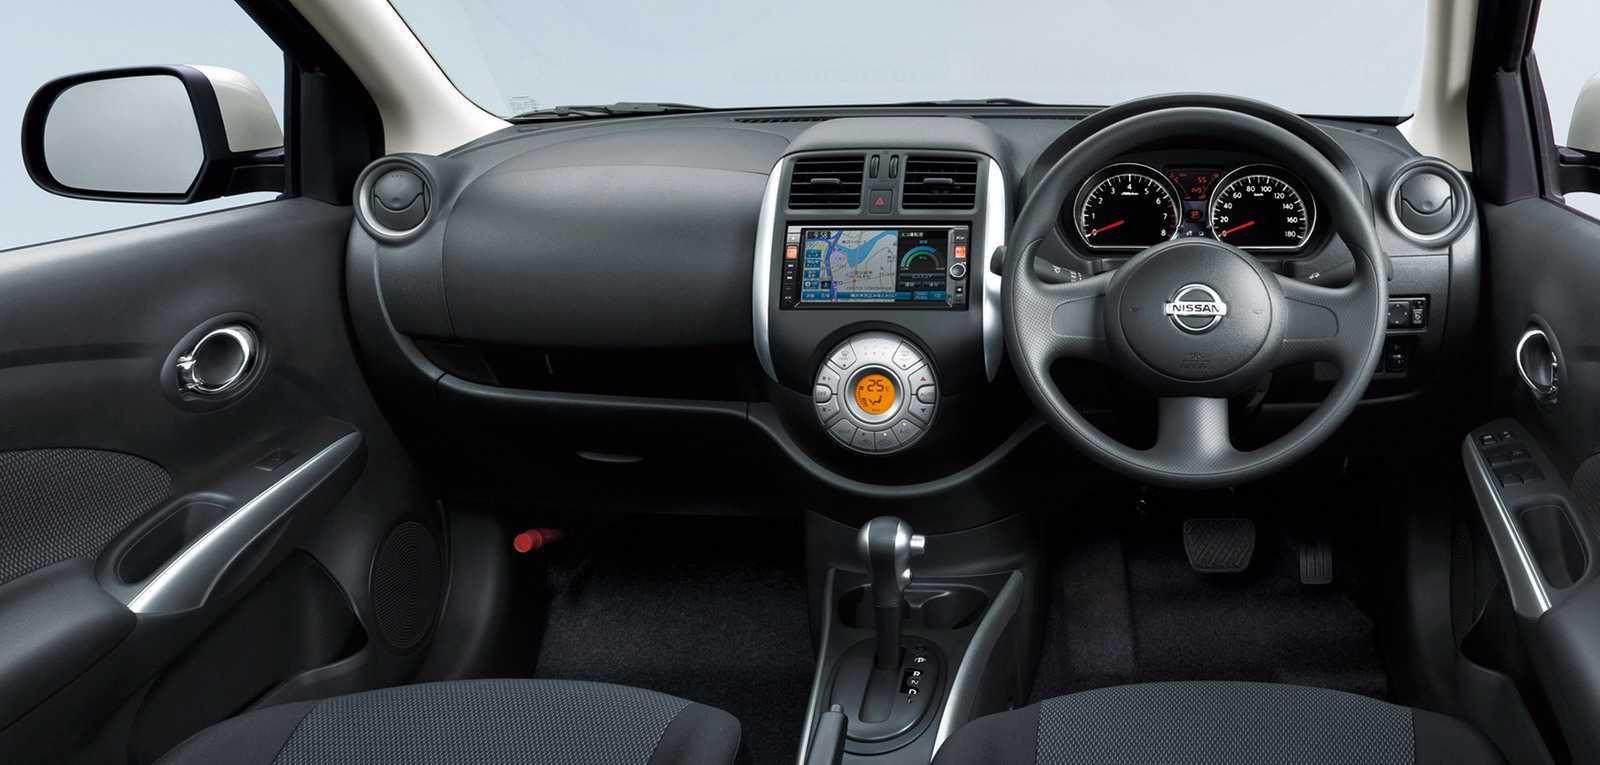 Электростул, новый «эвик» и wrx: самые причудливые концепты токийского автосалона